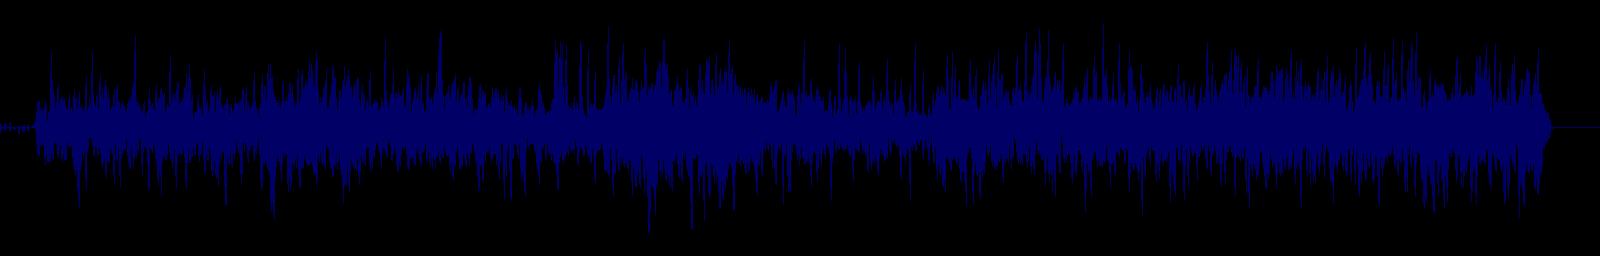 waveform of track #132246